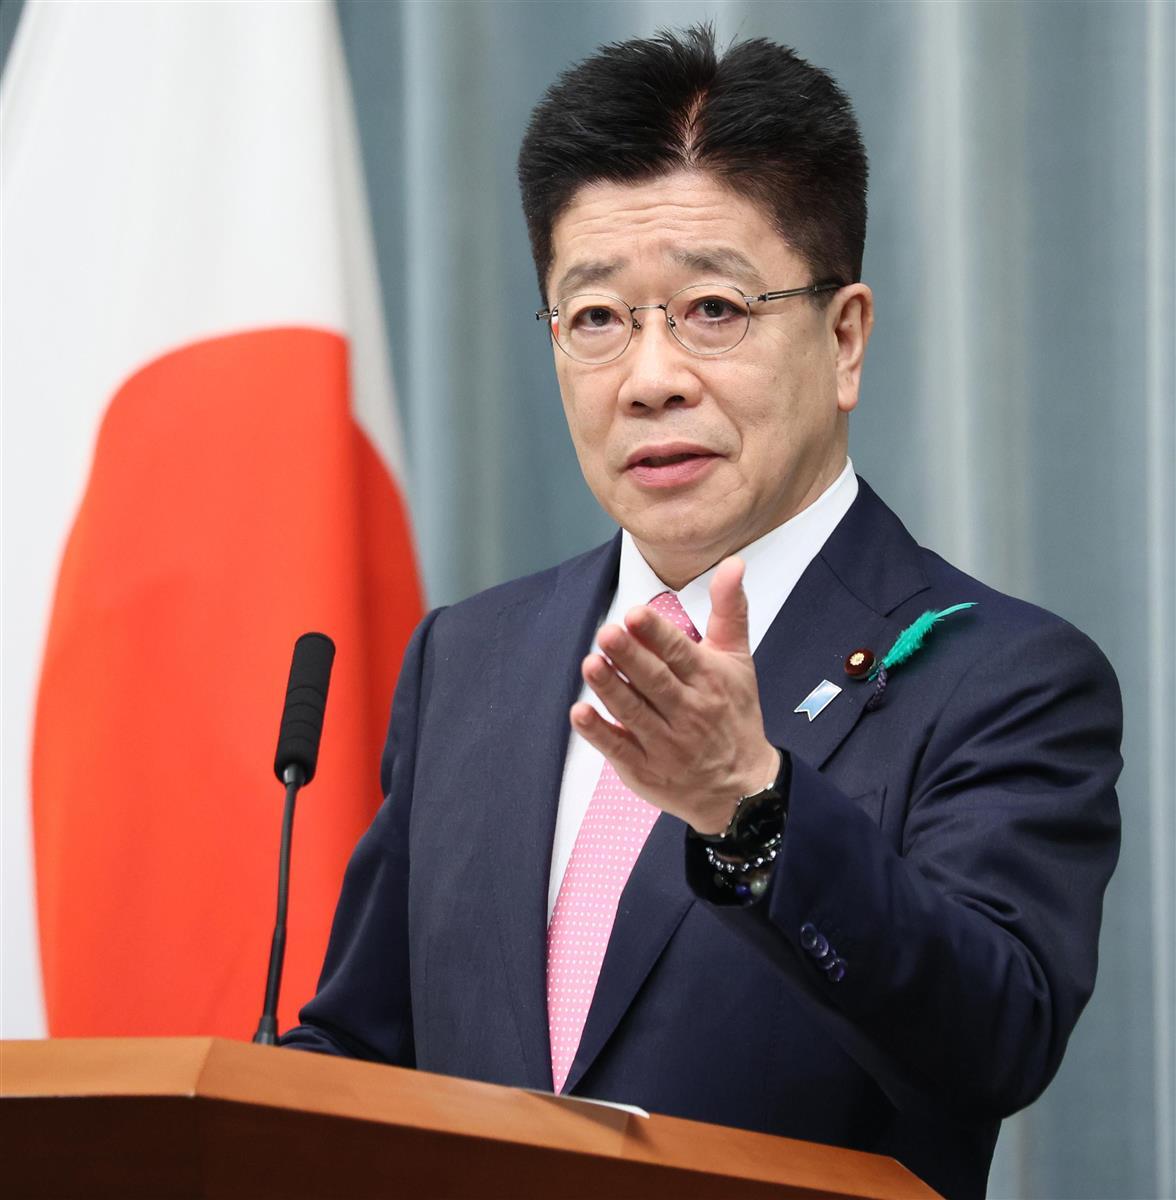 日本政府、邦人ジャーナリスト解放を要求 ミャンマーに - 産経ニュース